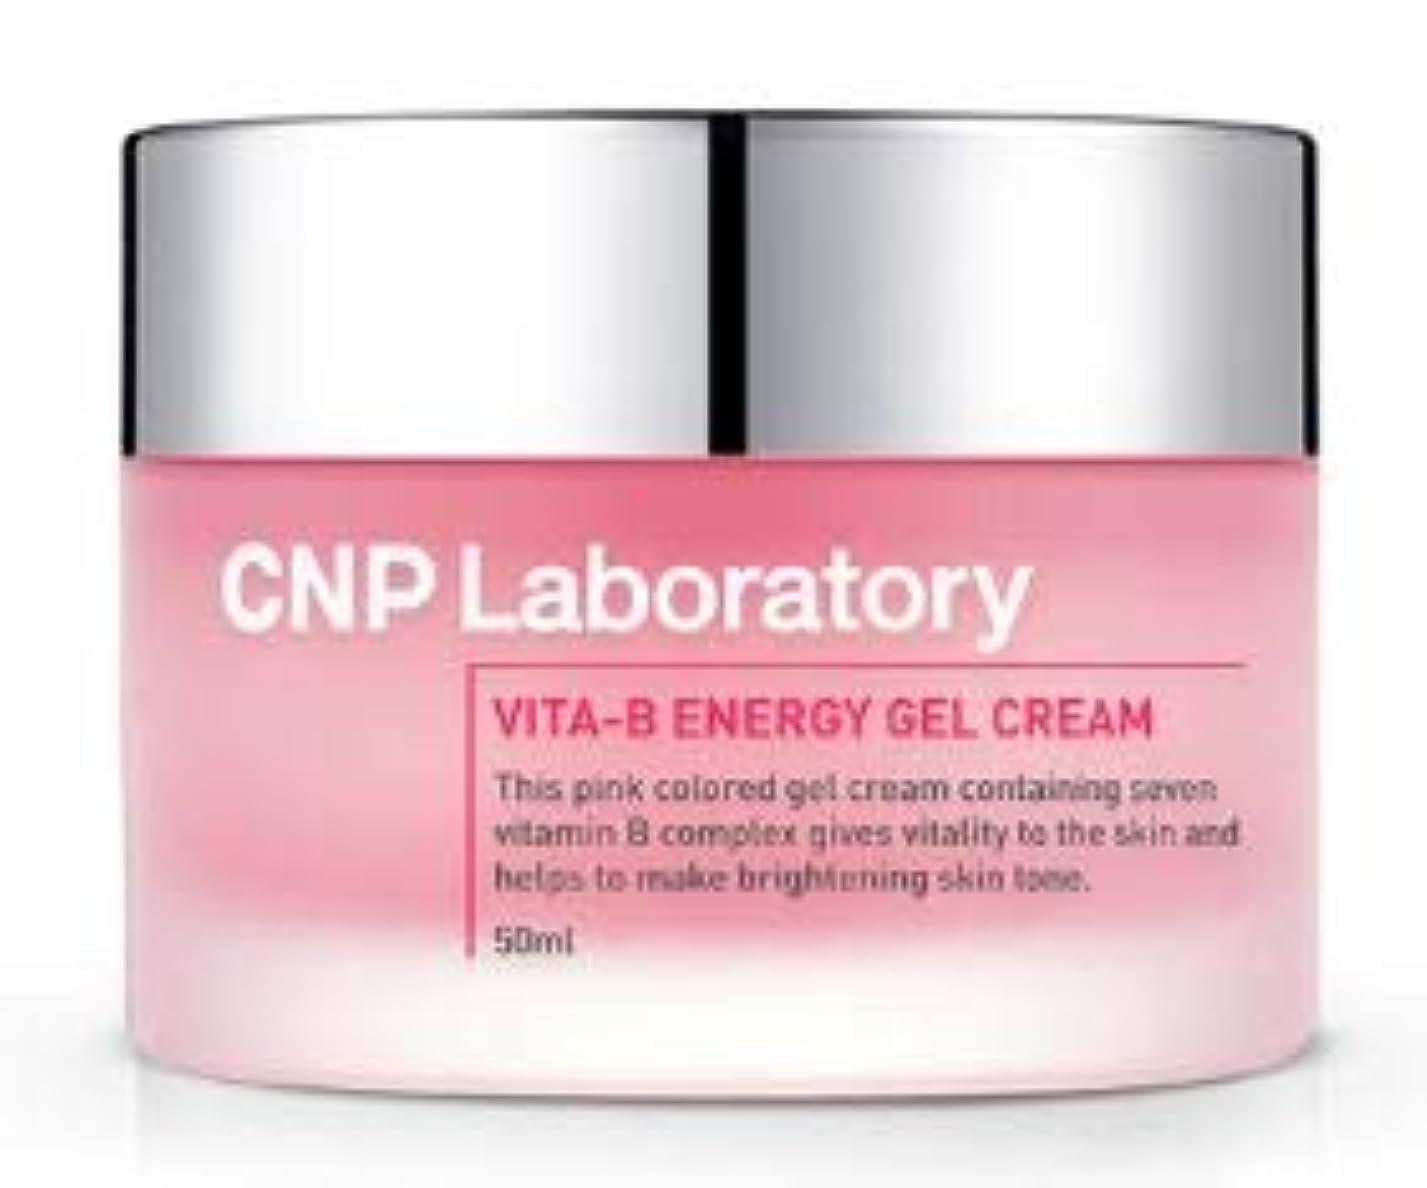 みなすふさわしい燃やす[CHA&PARK(CNP)] Vita-B Energy Gel Cream 50ml /[チャアンドパク(CNP)] ビタ-B エネルギー ジェル クリーム 50ml [並行輸入品]